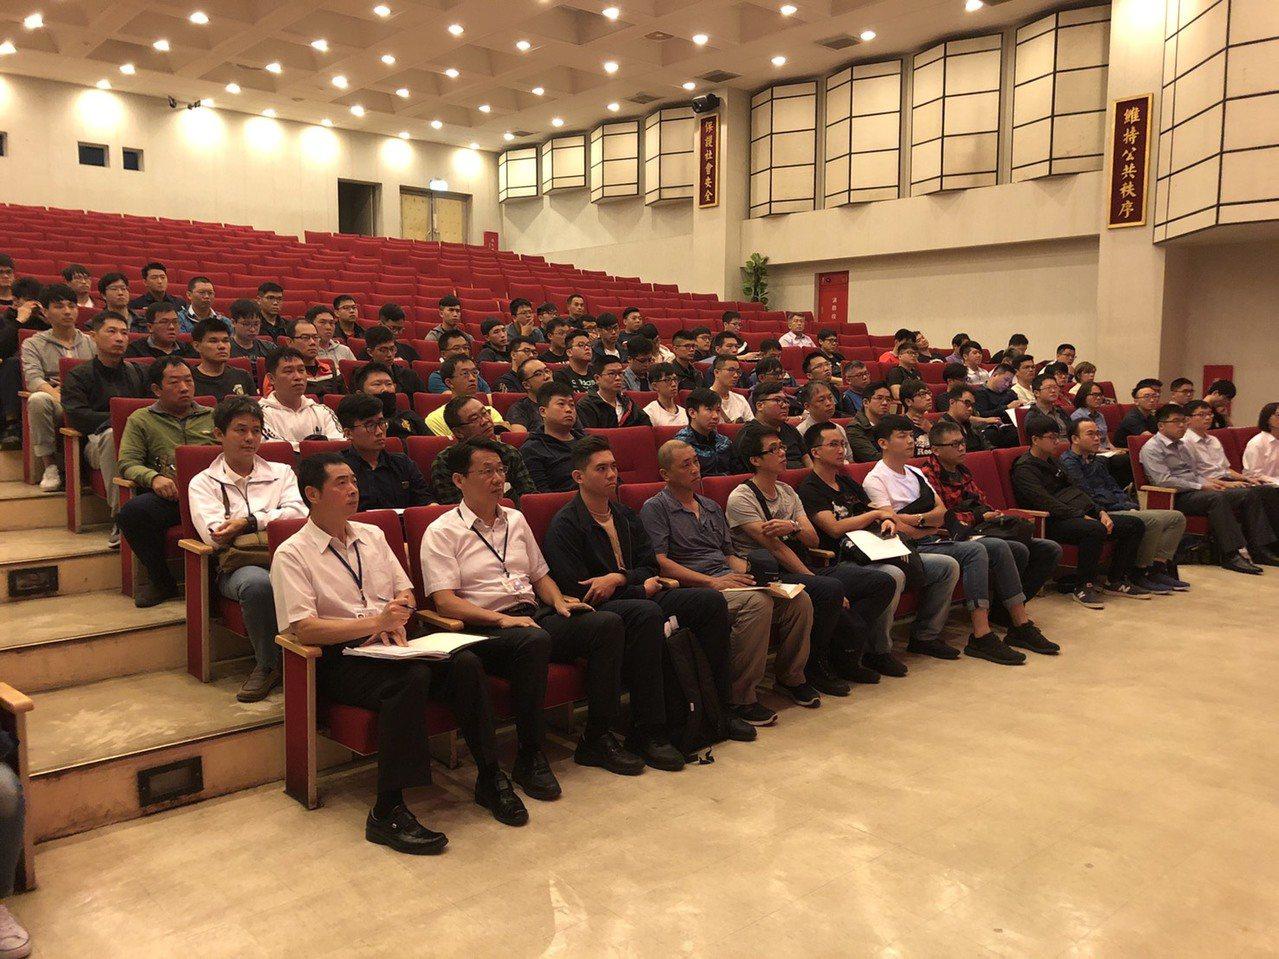 台中市警局今天迎來統調137名人力,今天上午在台中市警局大禮堂舉辦分發作業。記者...